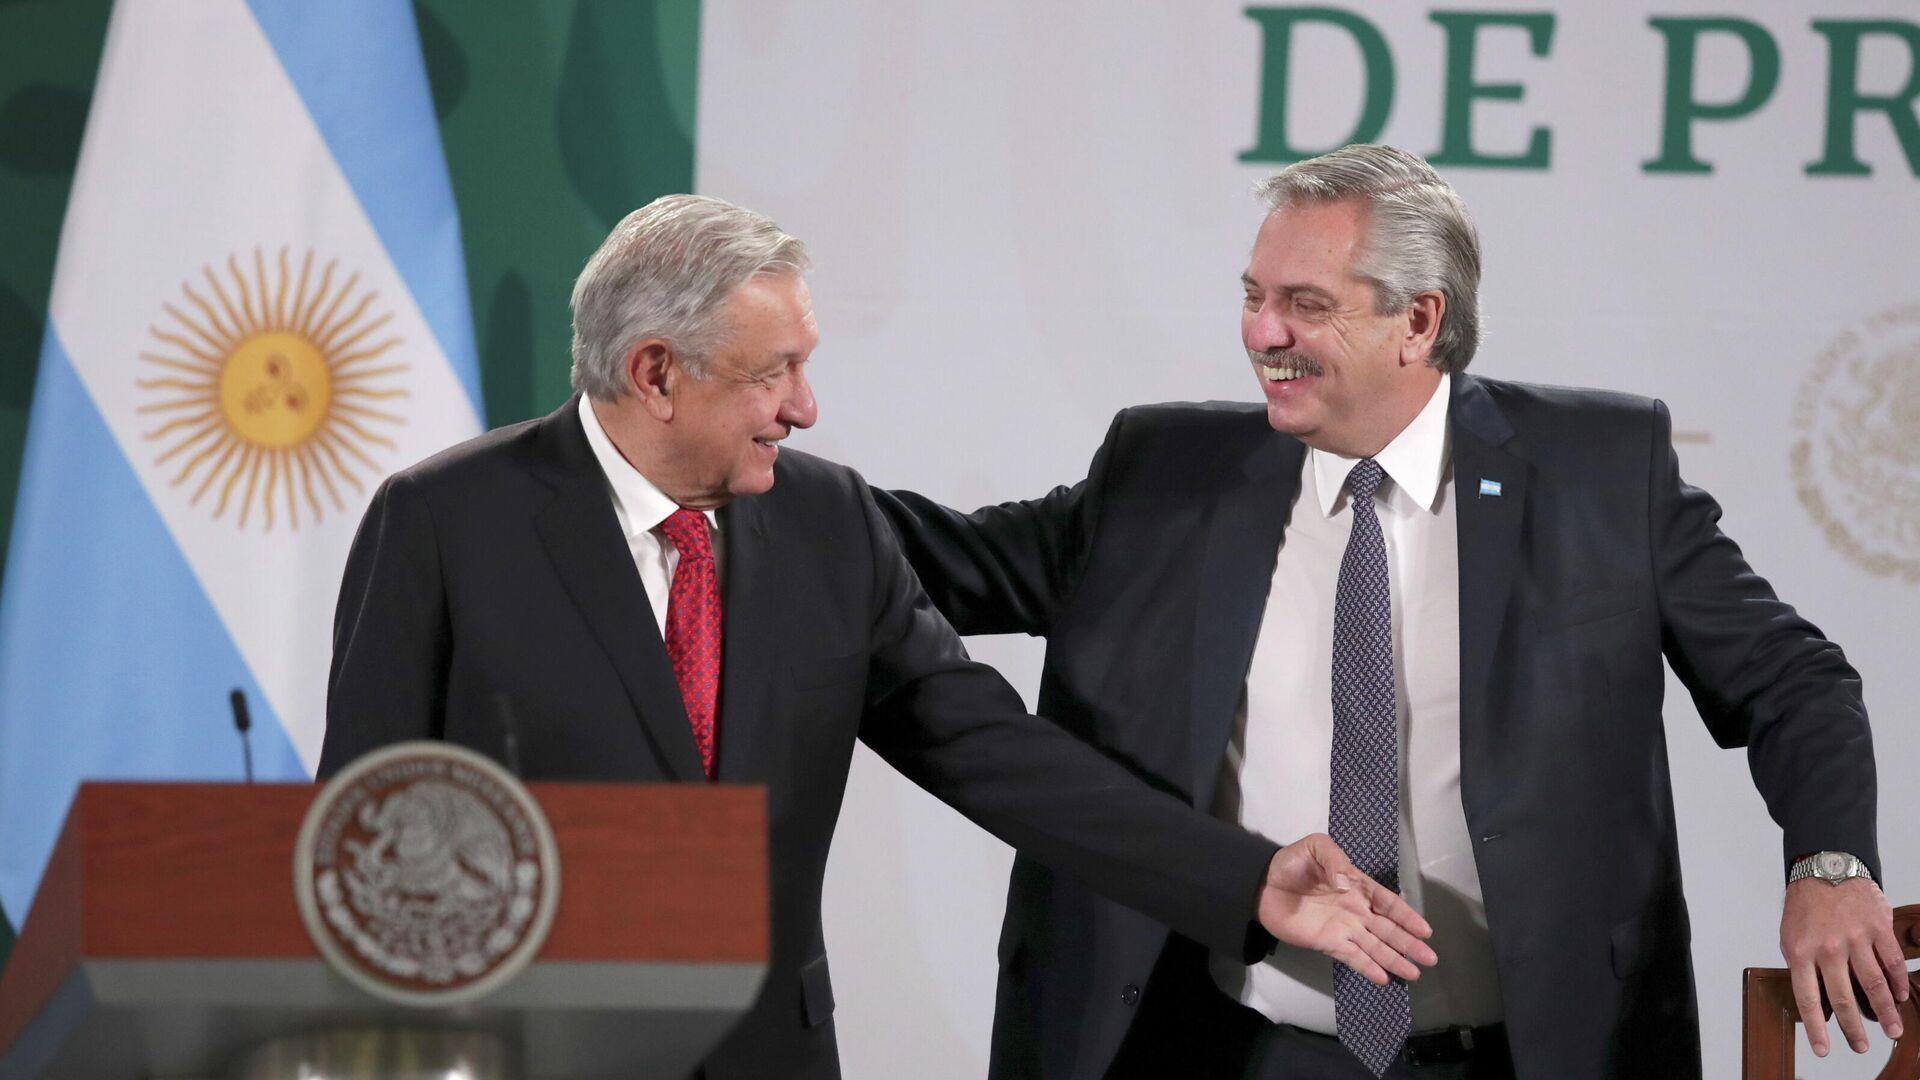 El presidente mexicano, Andrés Manuel López Obrador, y su homólogo argentino, Alberto Fernández - Sputnik Mundo, 1920, 23.02.2021